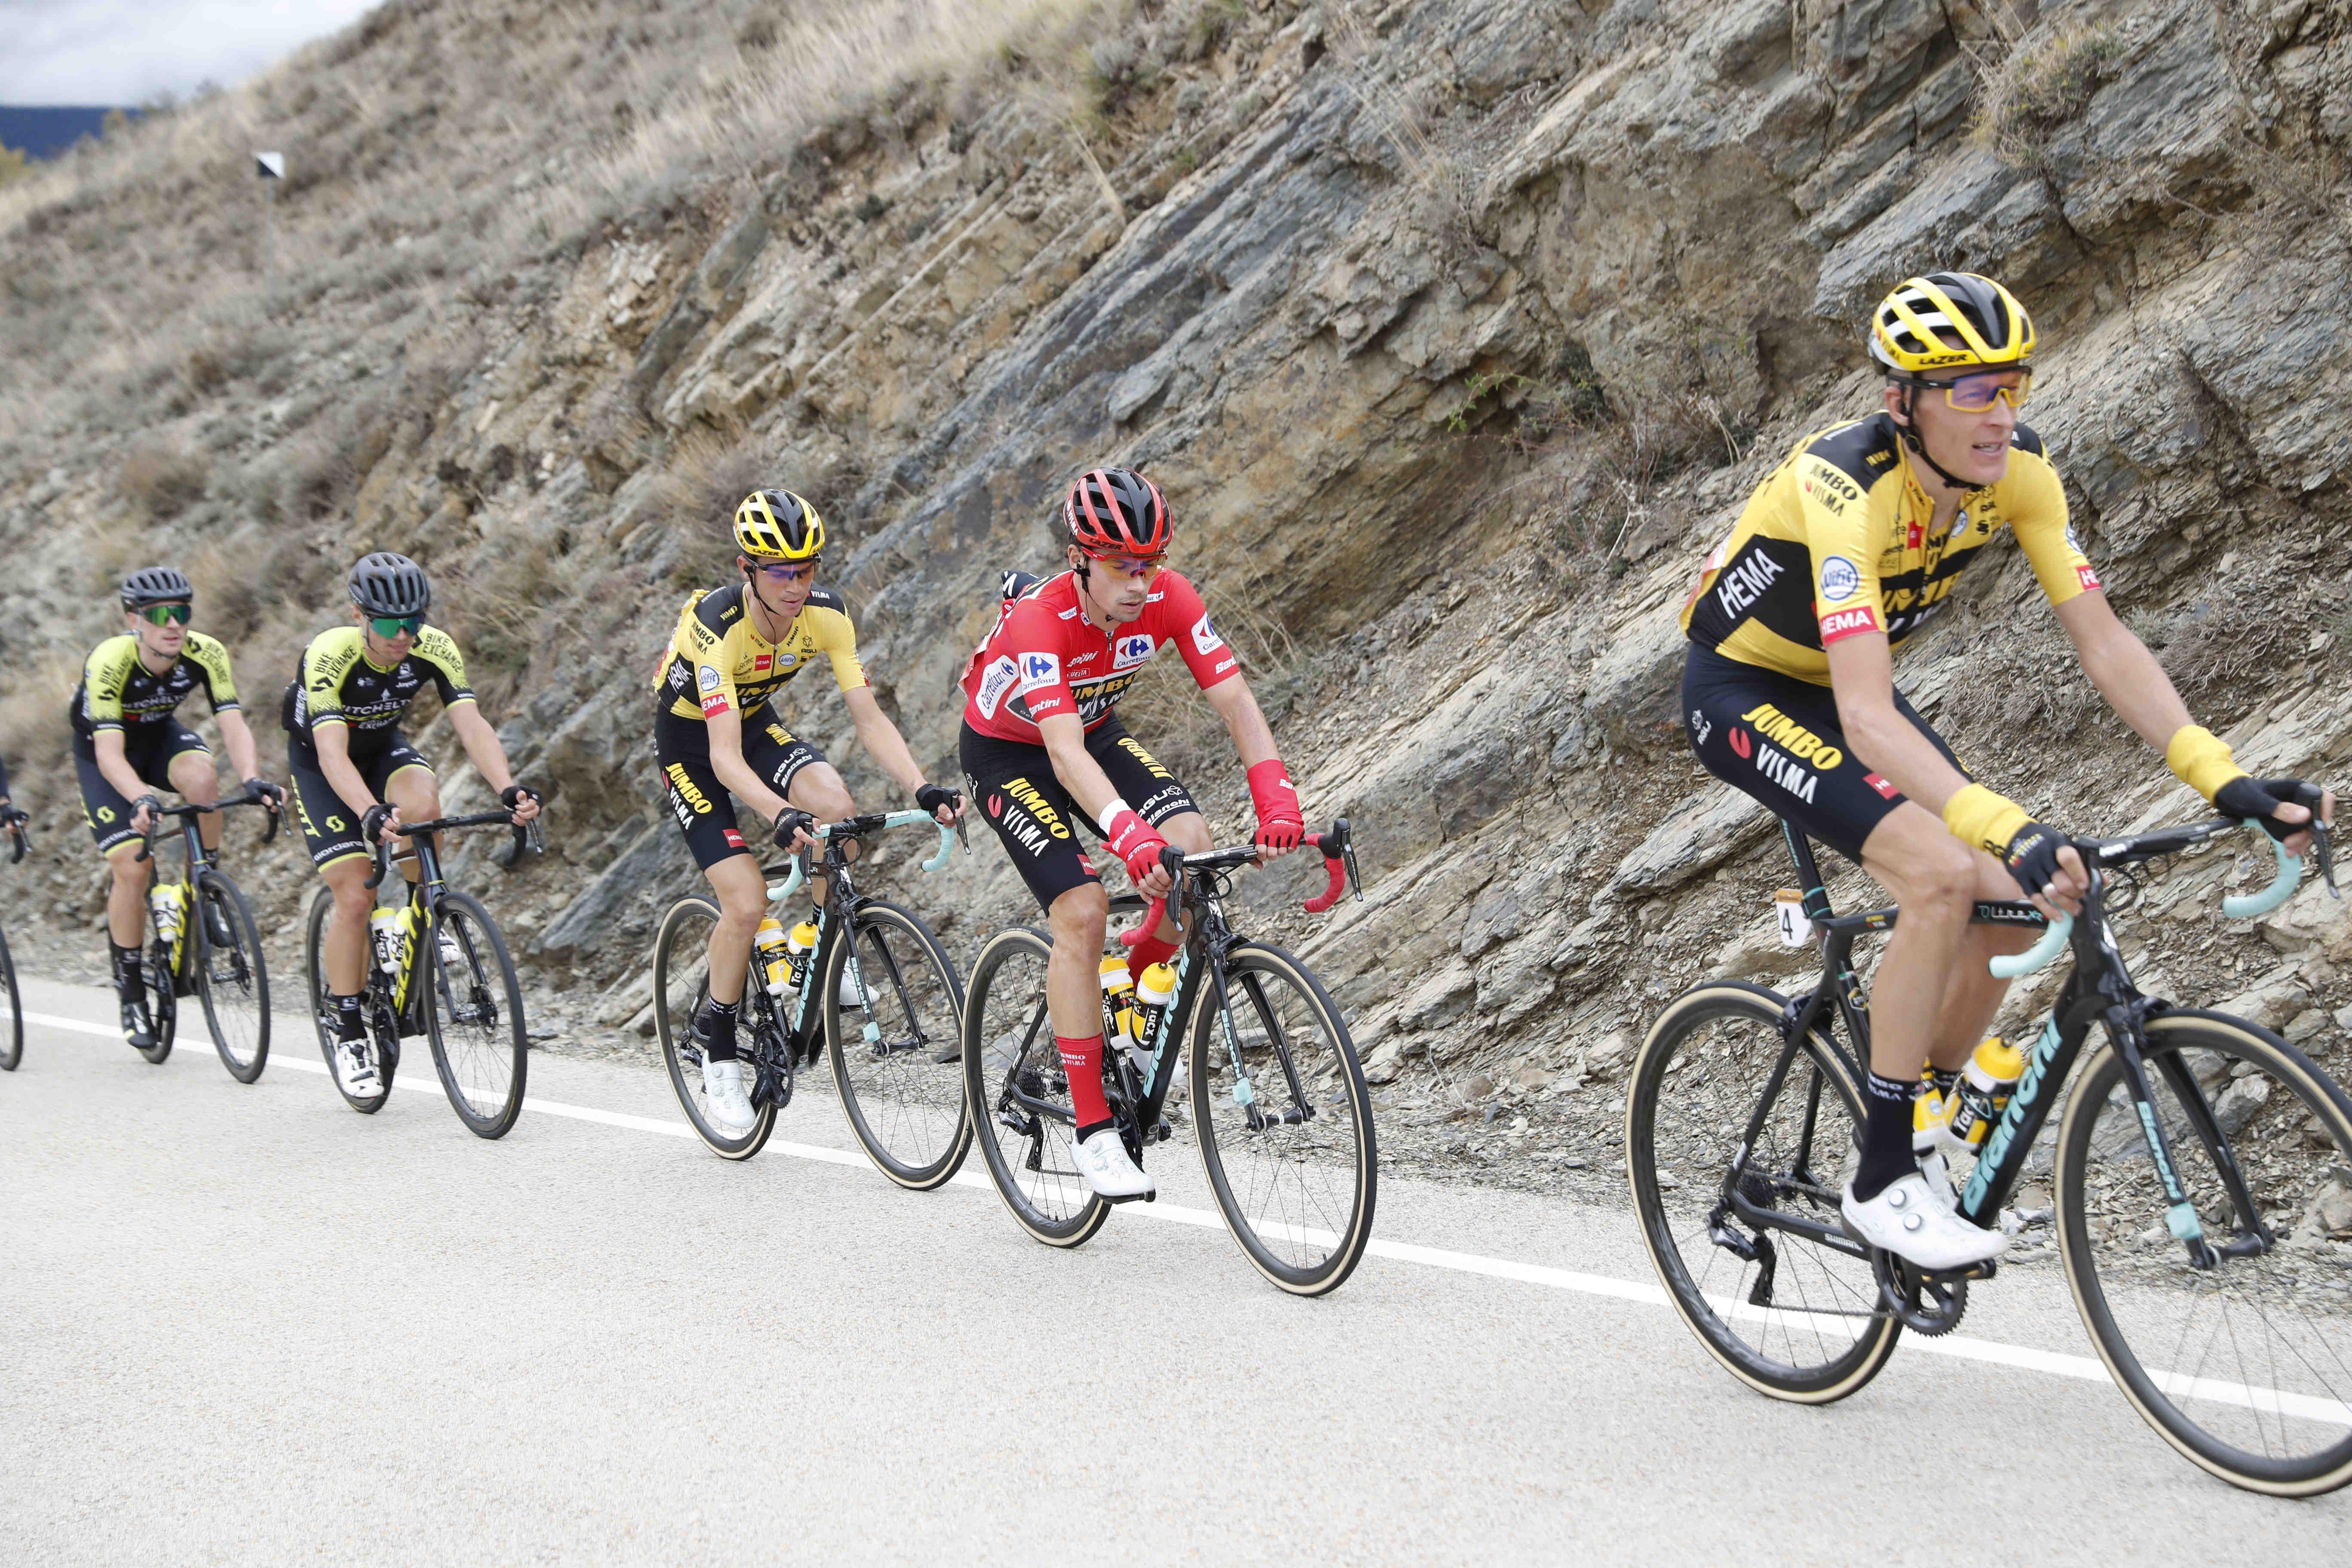 Zakaj kolesarji Jumba v gorah vozijo črna kolesa in obroče?